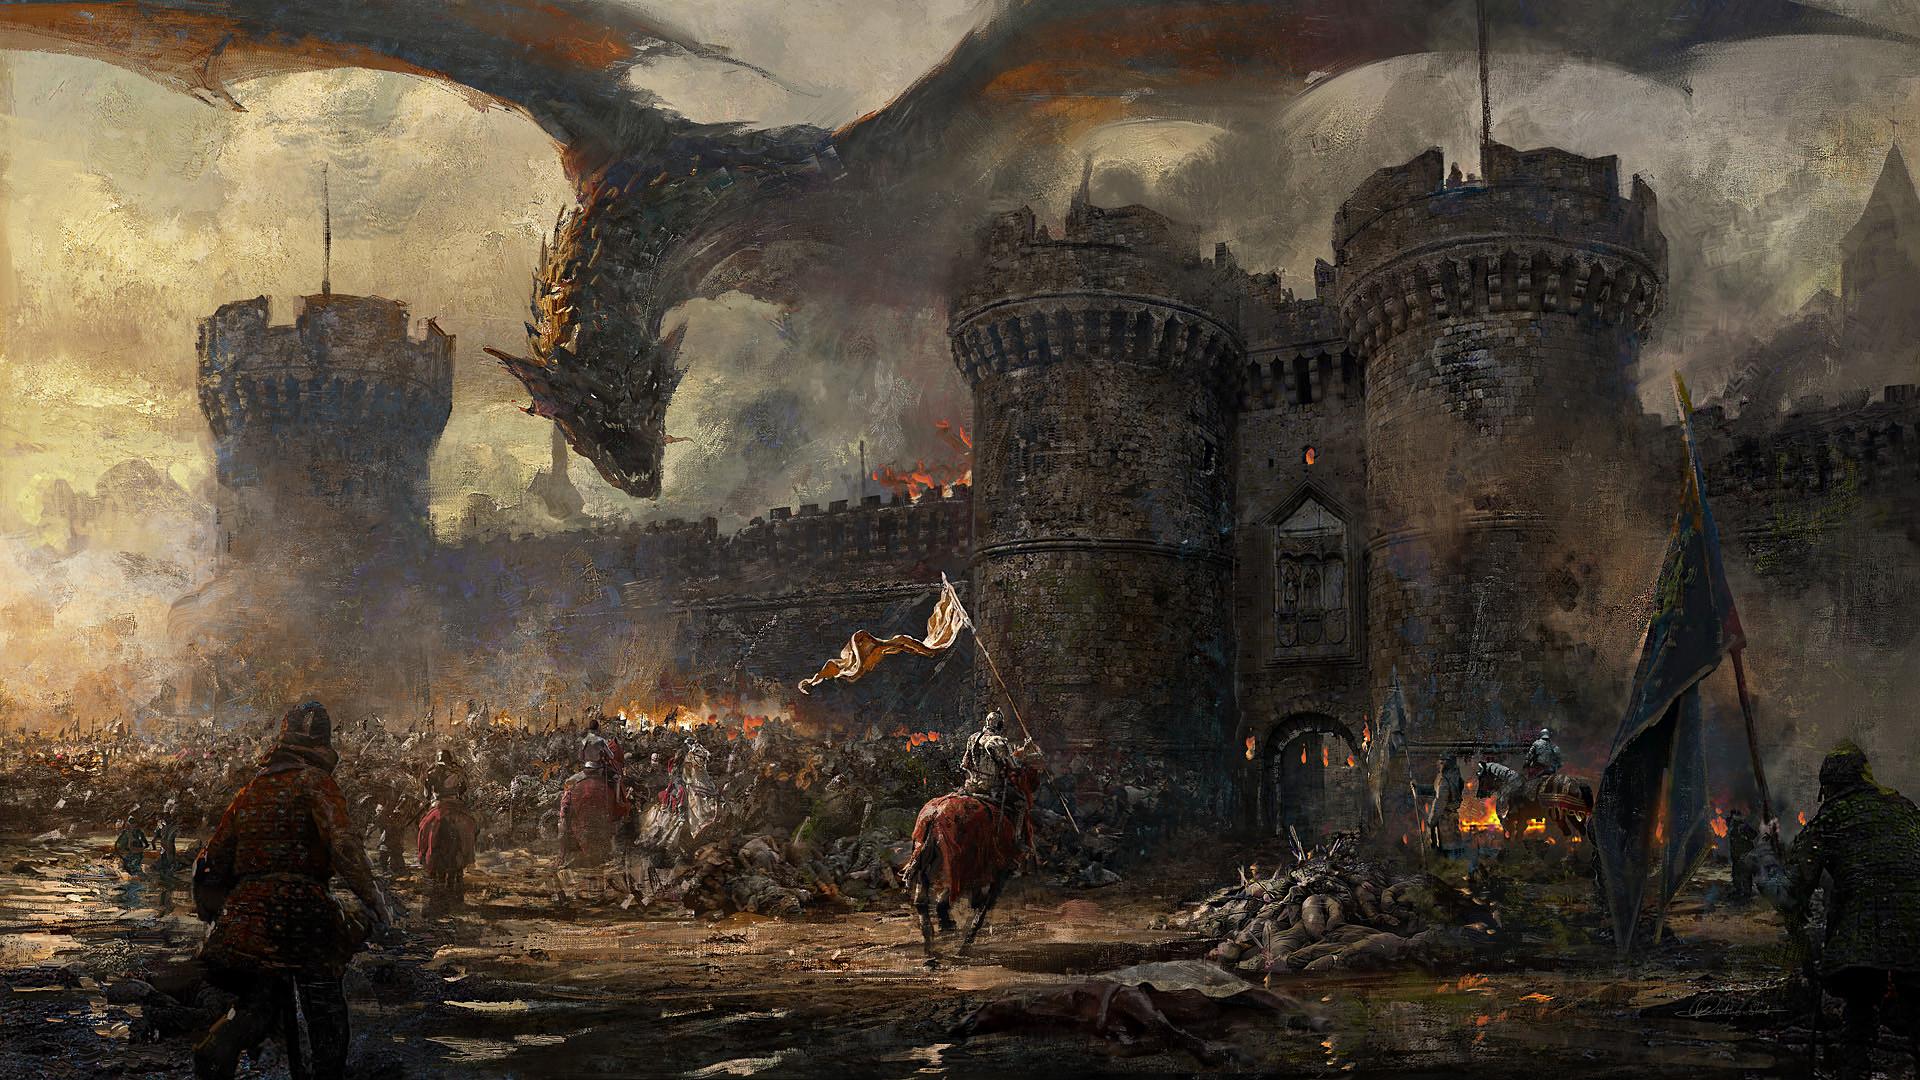 является третьи картинки на тему средневековых сражений и фэнтези развелись его